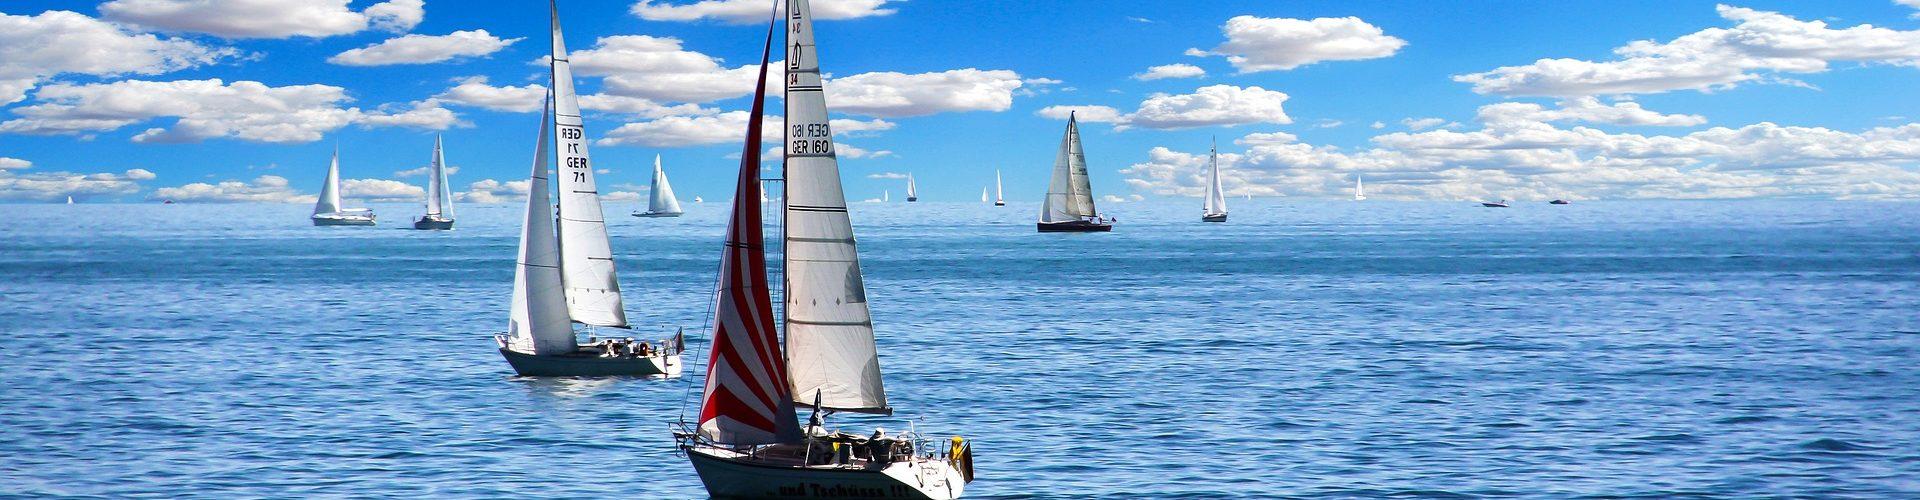 segeln lernen in Überlingen segelschein machen in Überlingen 1920x500 - Segeln lernen in Überlingen